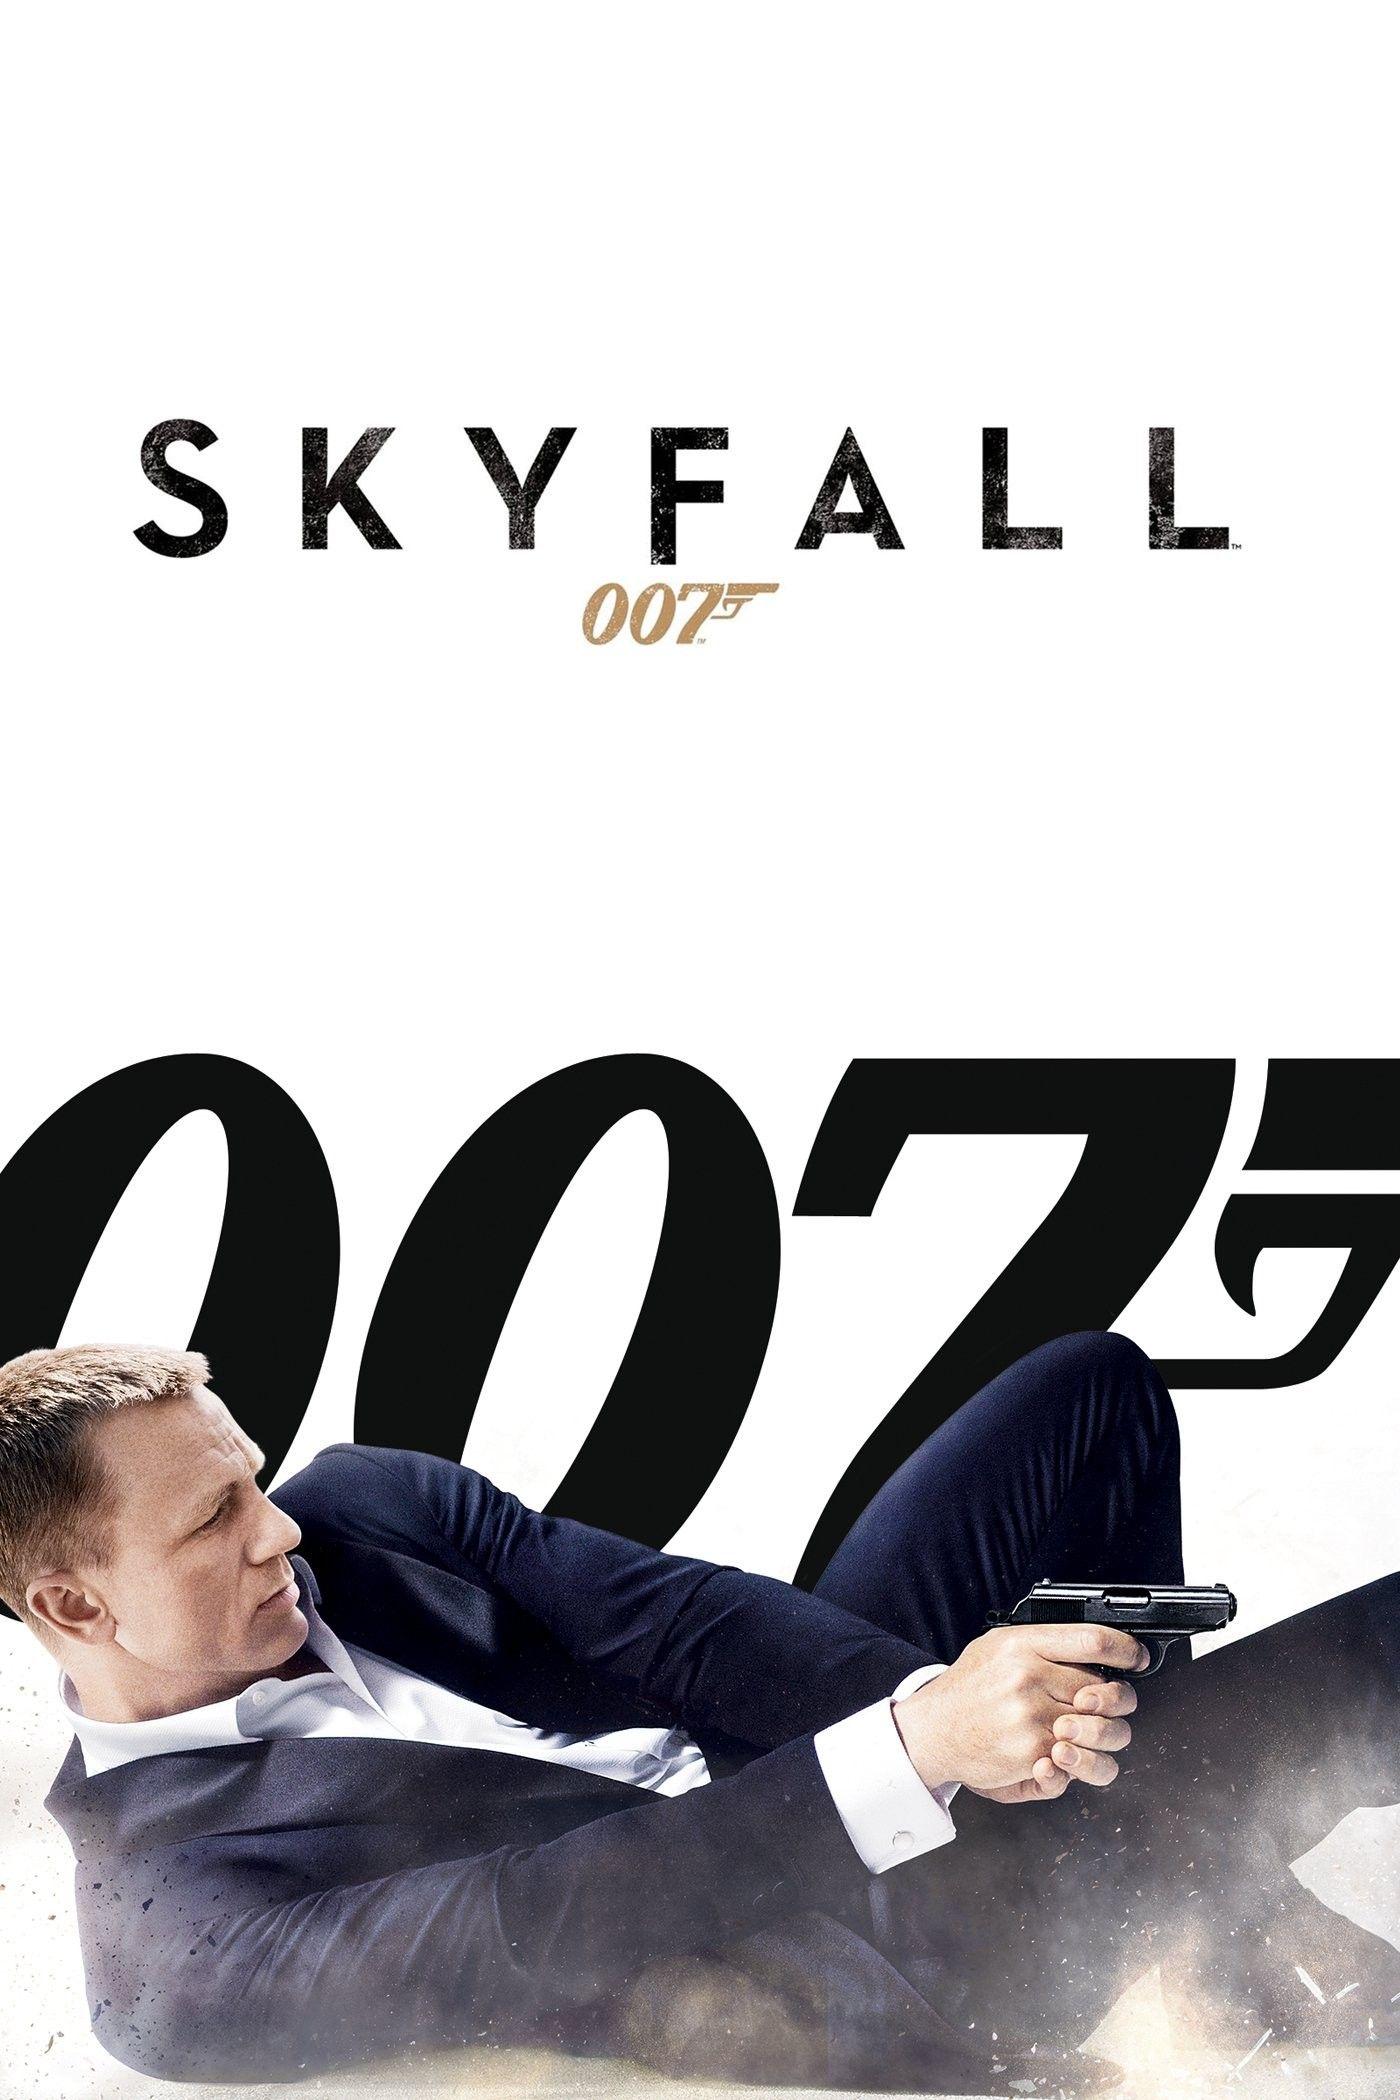 James Bond 007 Skyfall Kostenlos Online Anschauen 2012 Hd Full Film Deutsch James Bond Movies Skyfall Bond Movies